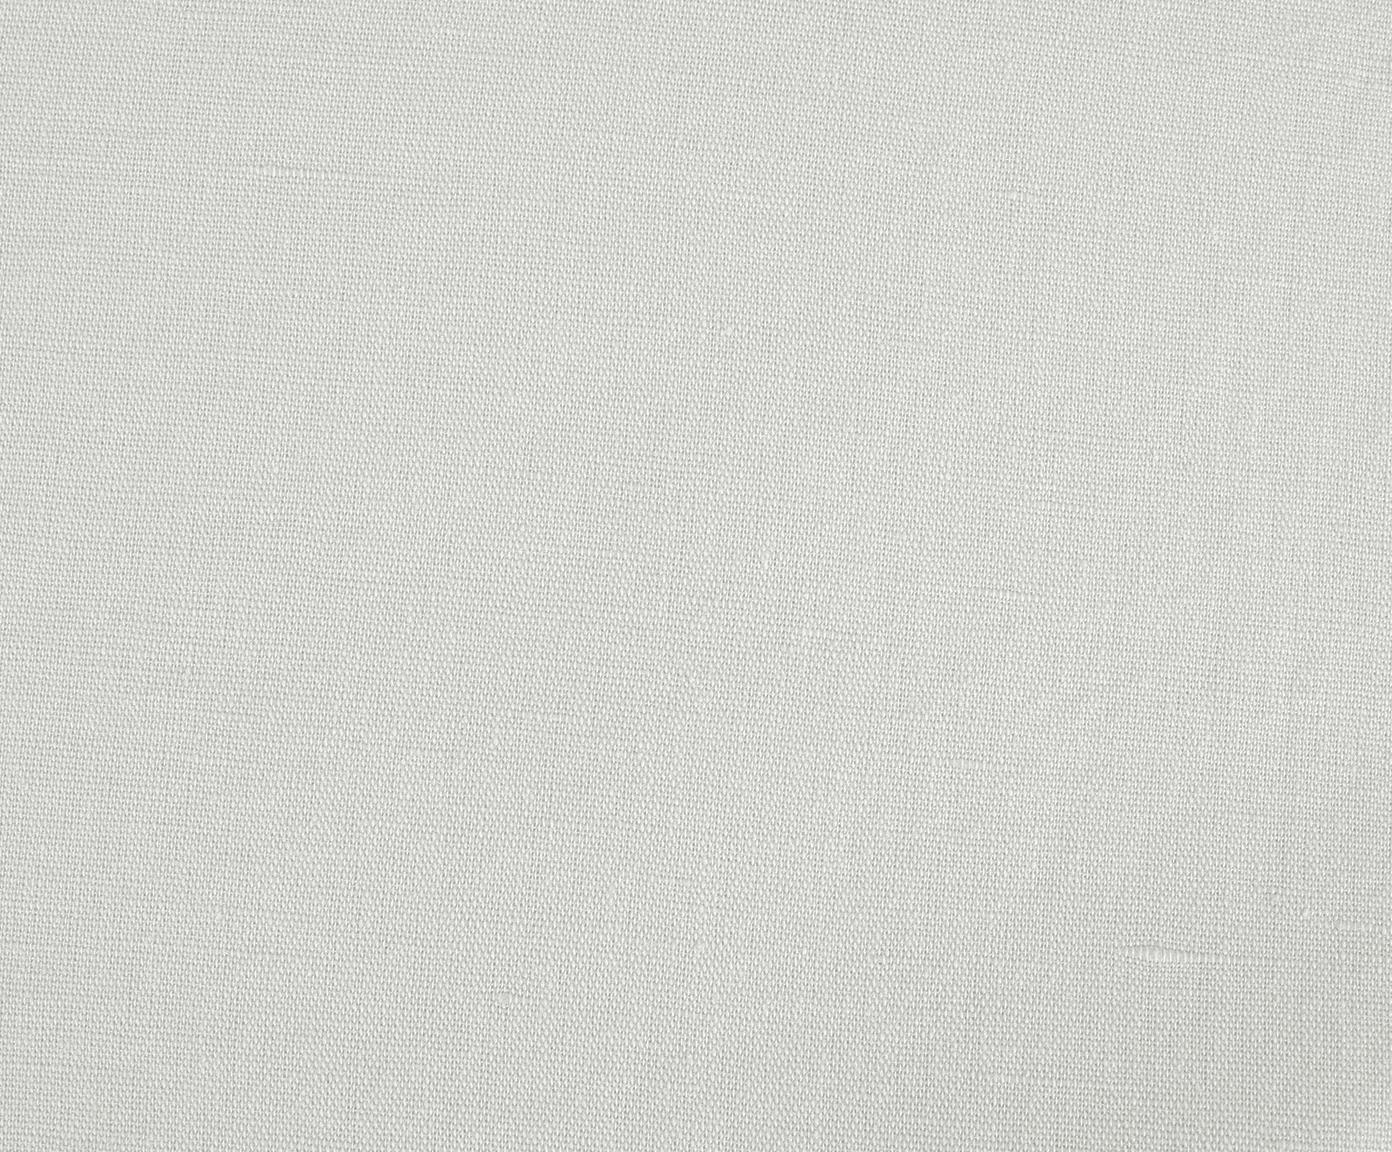 Pościel z lnu z efektem sprania Nature, Jasny szary, 135 x 200 cm